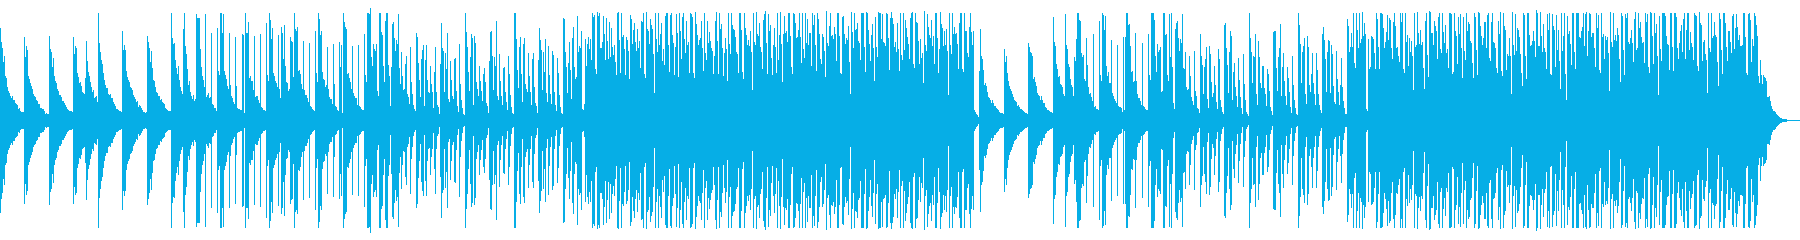 海を感じるトロピカルハウスの再生済みの波形